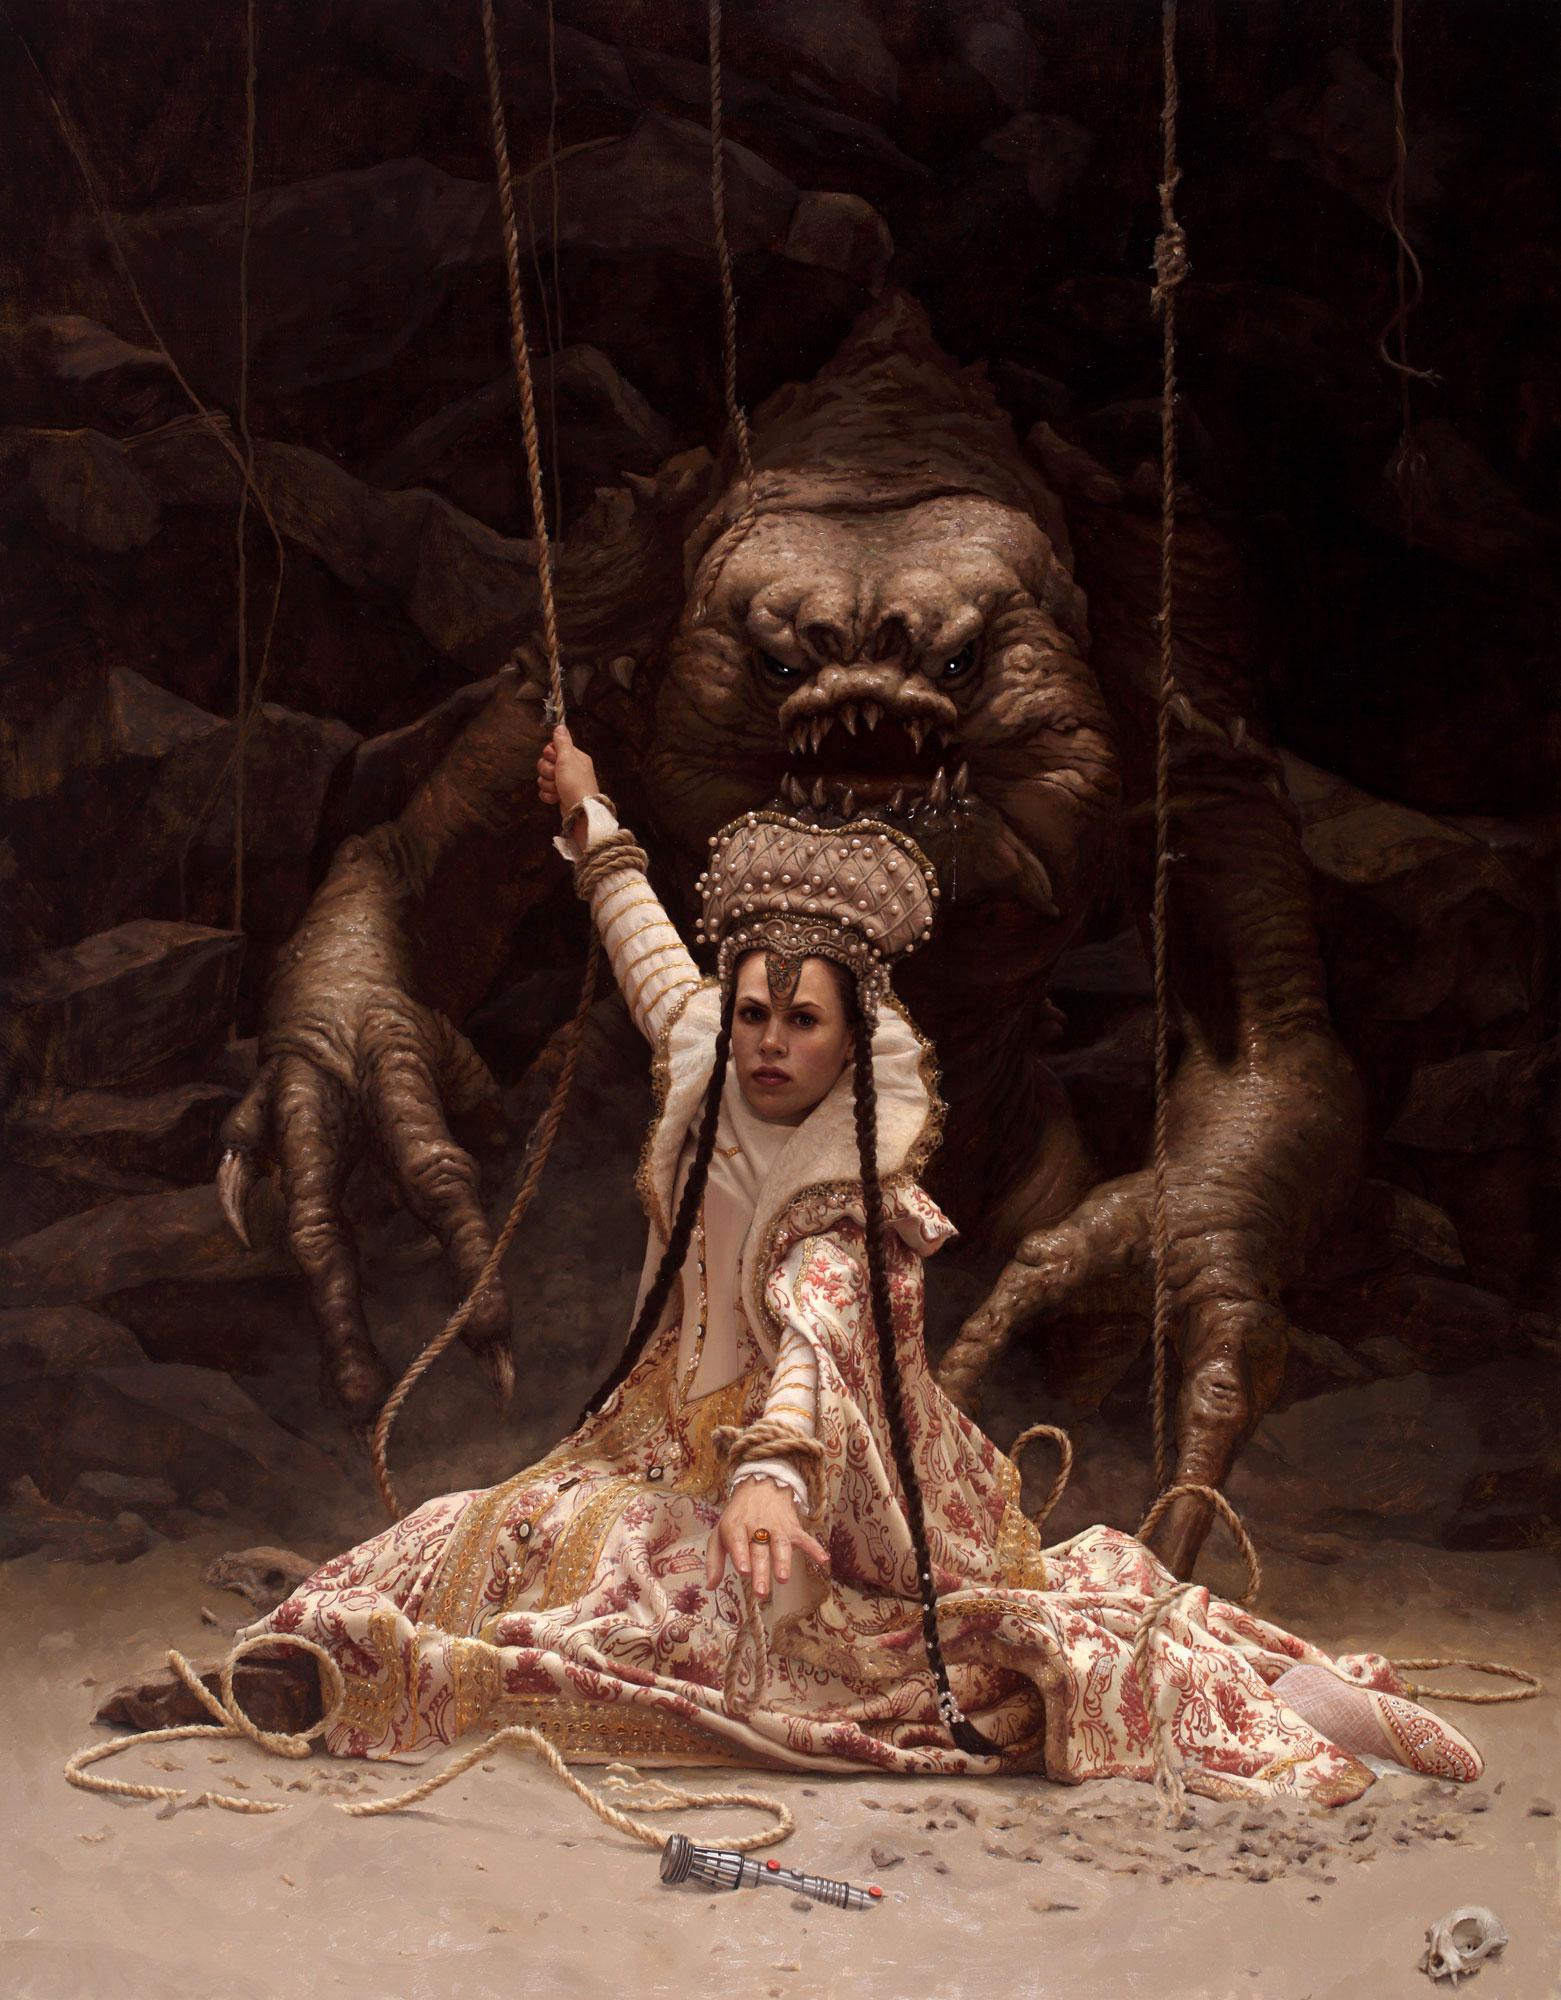 Les sublimes peintures hyperréalistes d'Arantzazu Martinez